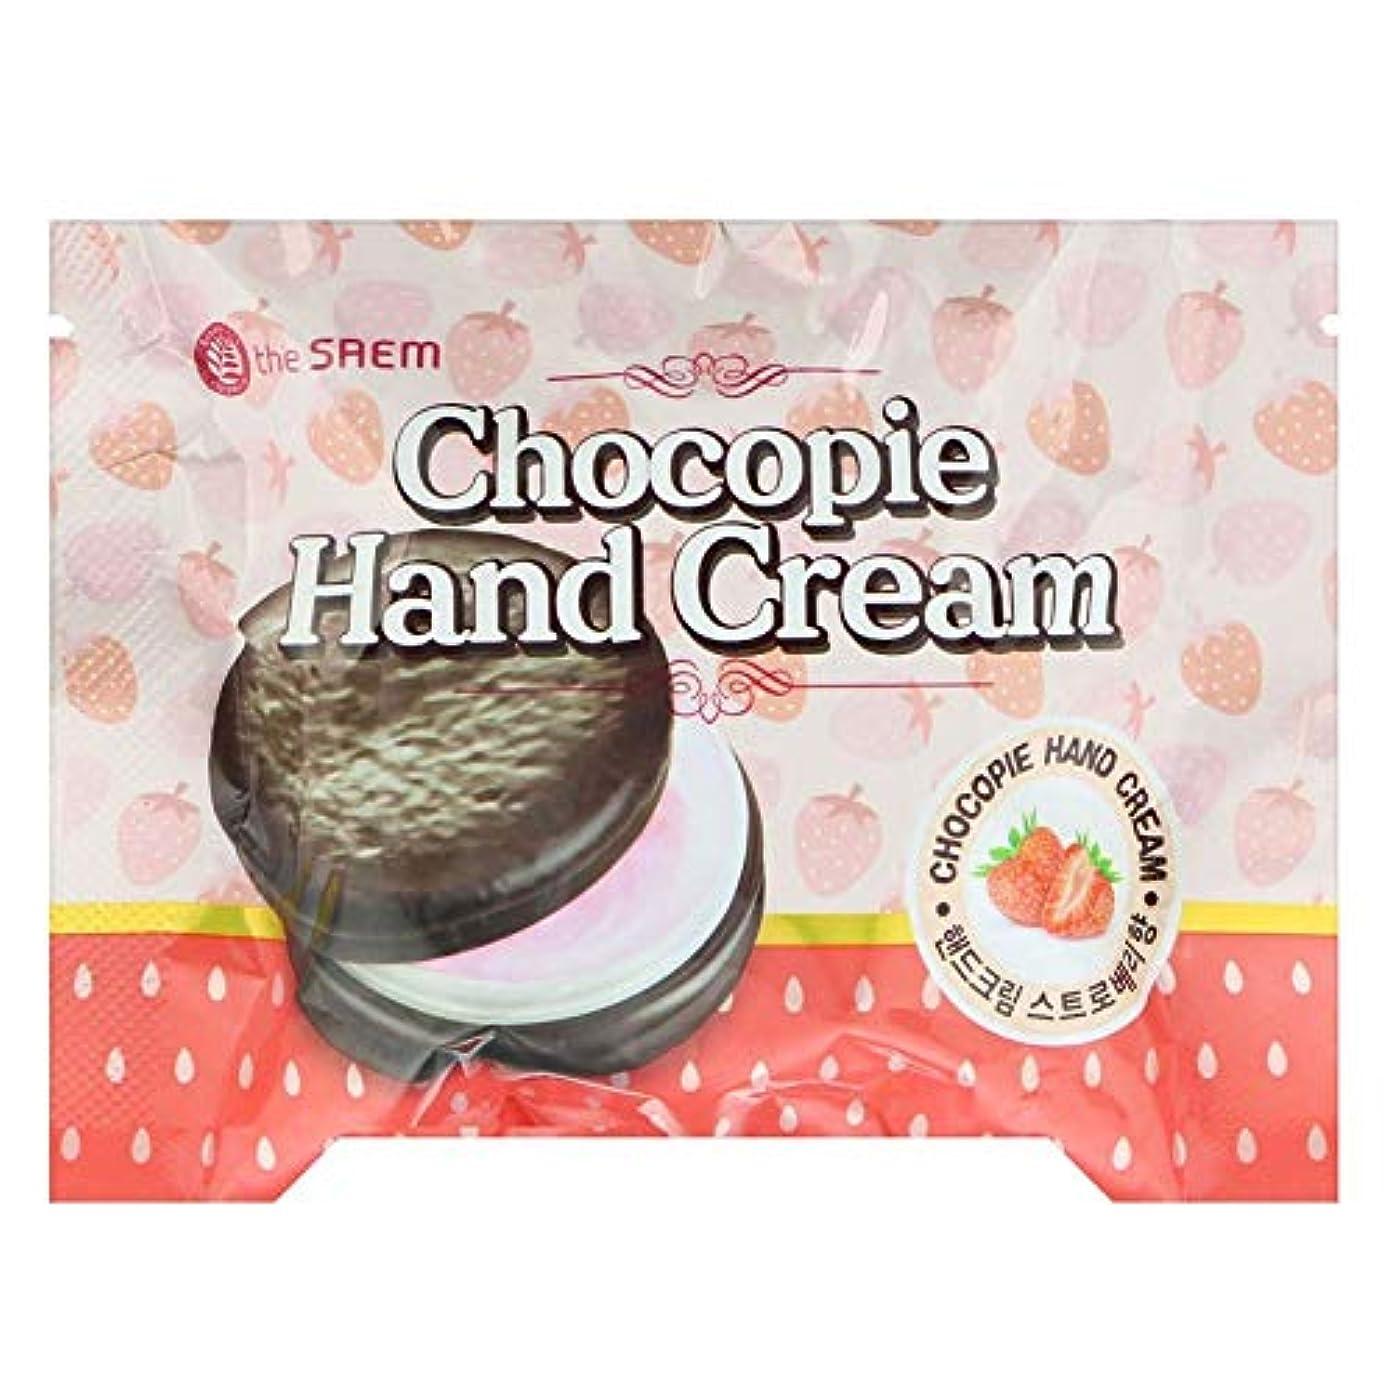 豊富に塊シーケンス【the SAEM】ザセム チョコパイ ハンドクリーム[ストロベリー] CHOCOPIE HAND CREAM 35ml 韓国コスメ ザセム ハンドクリーム